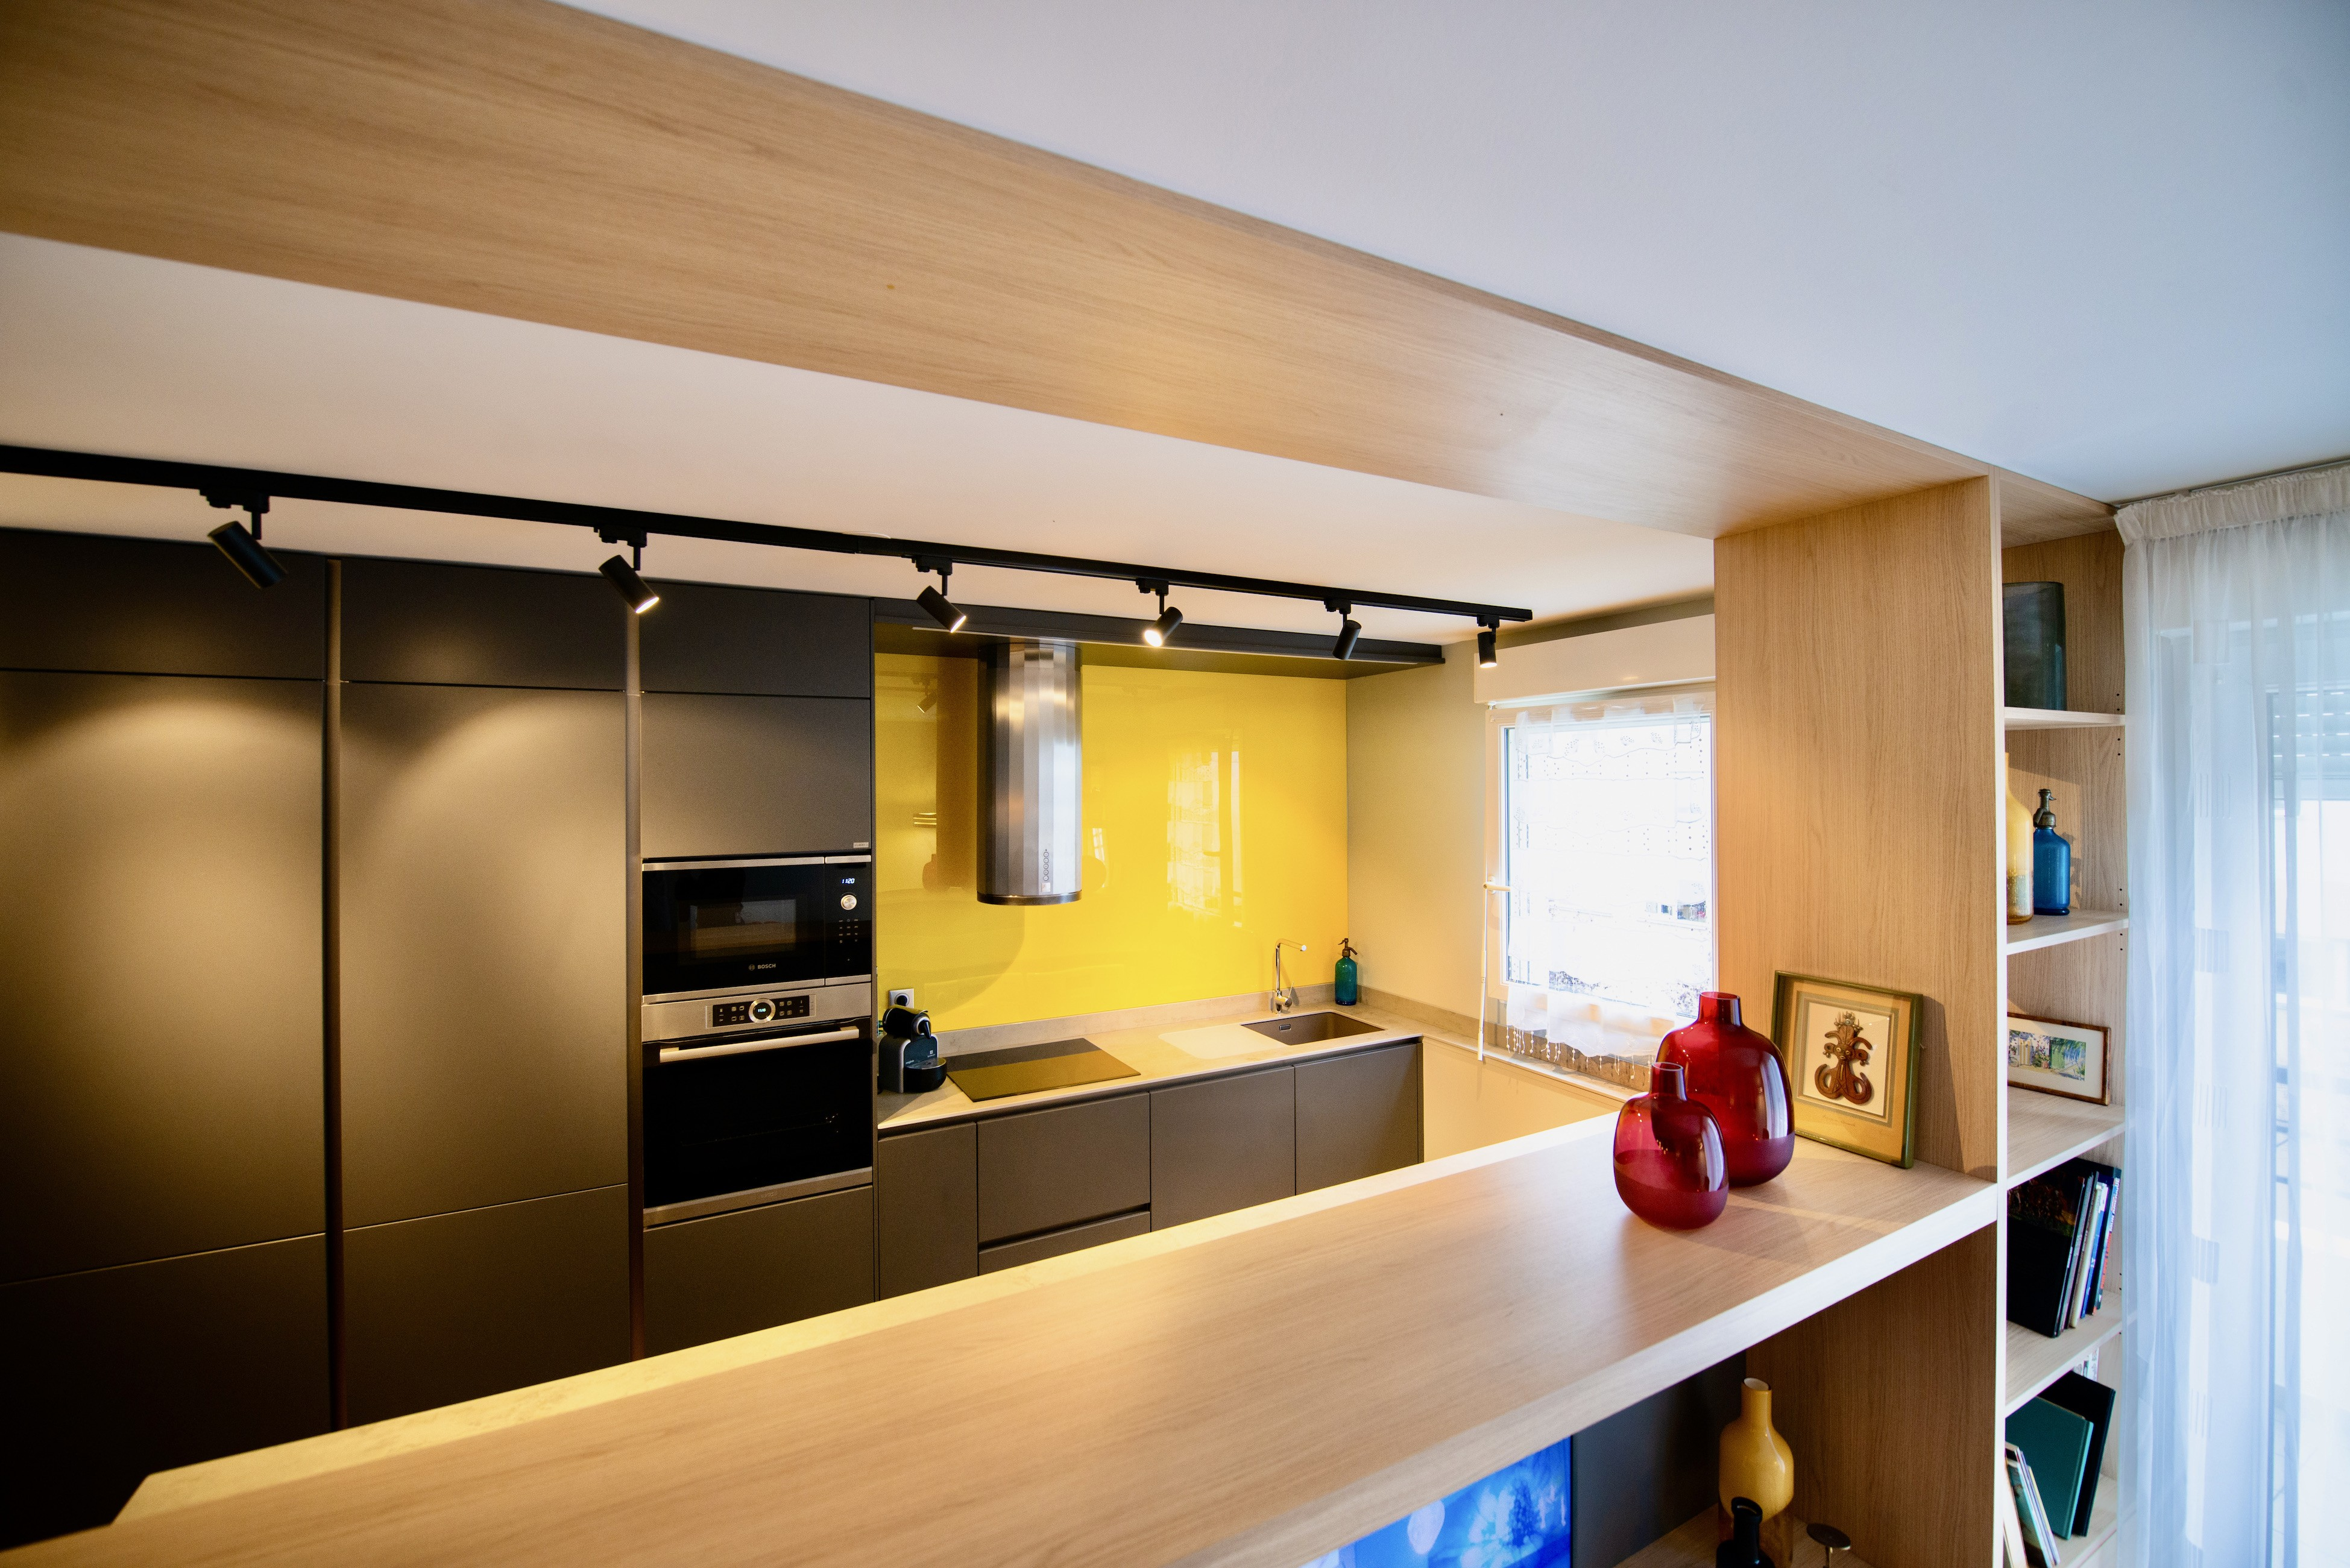 Peggy guezello 1001 ide es meuble tv sur mesure pour se parer la cuisine su salon